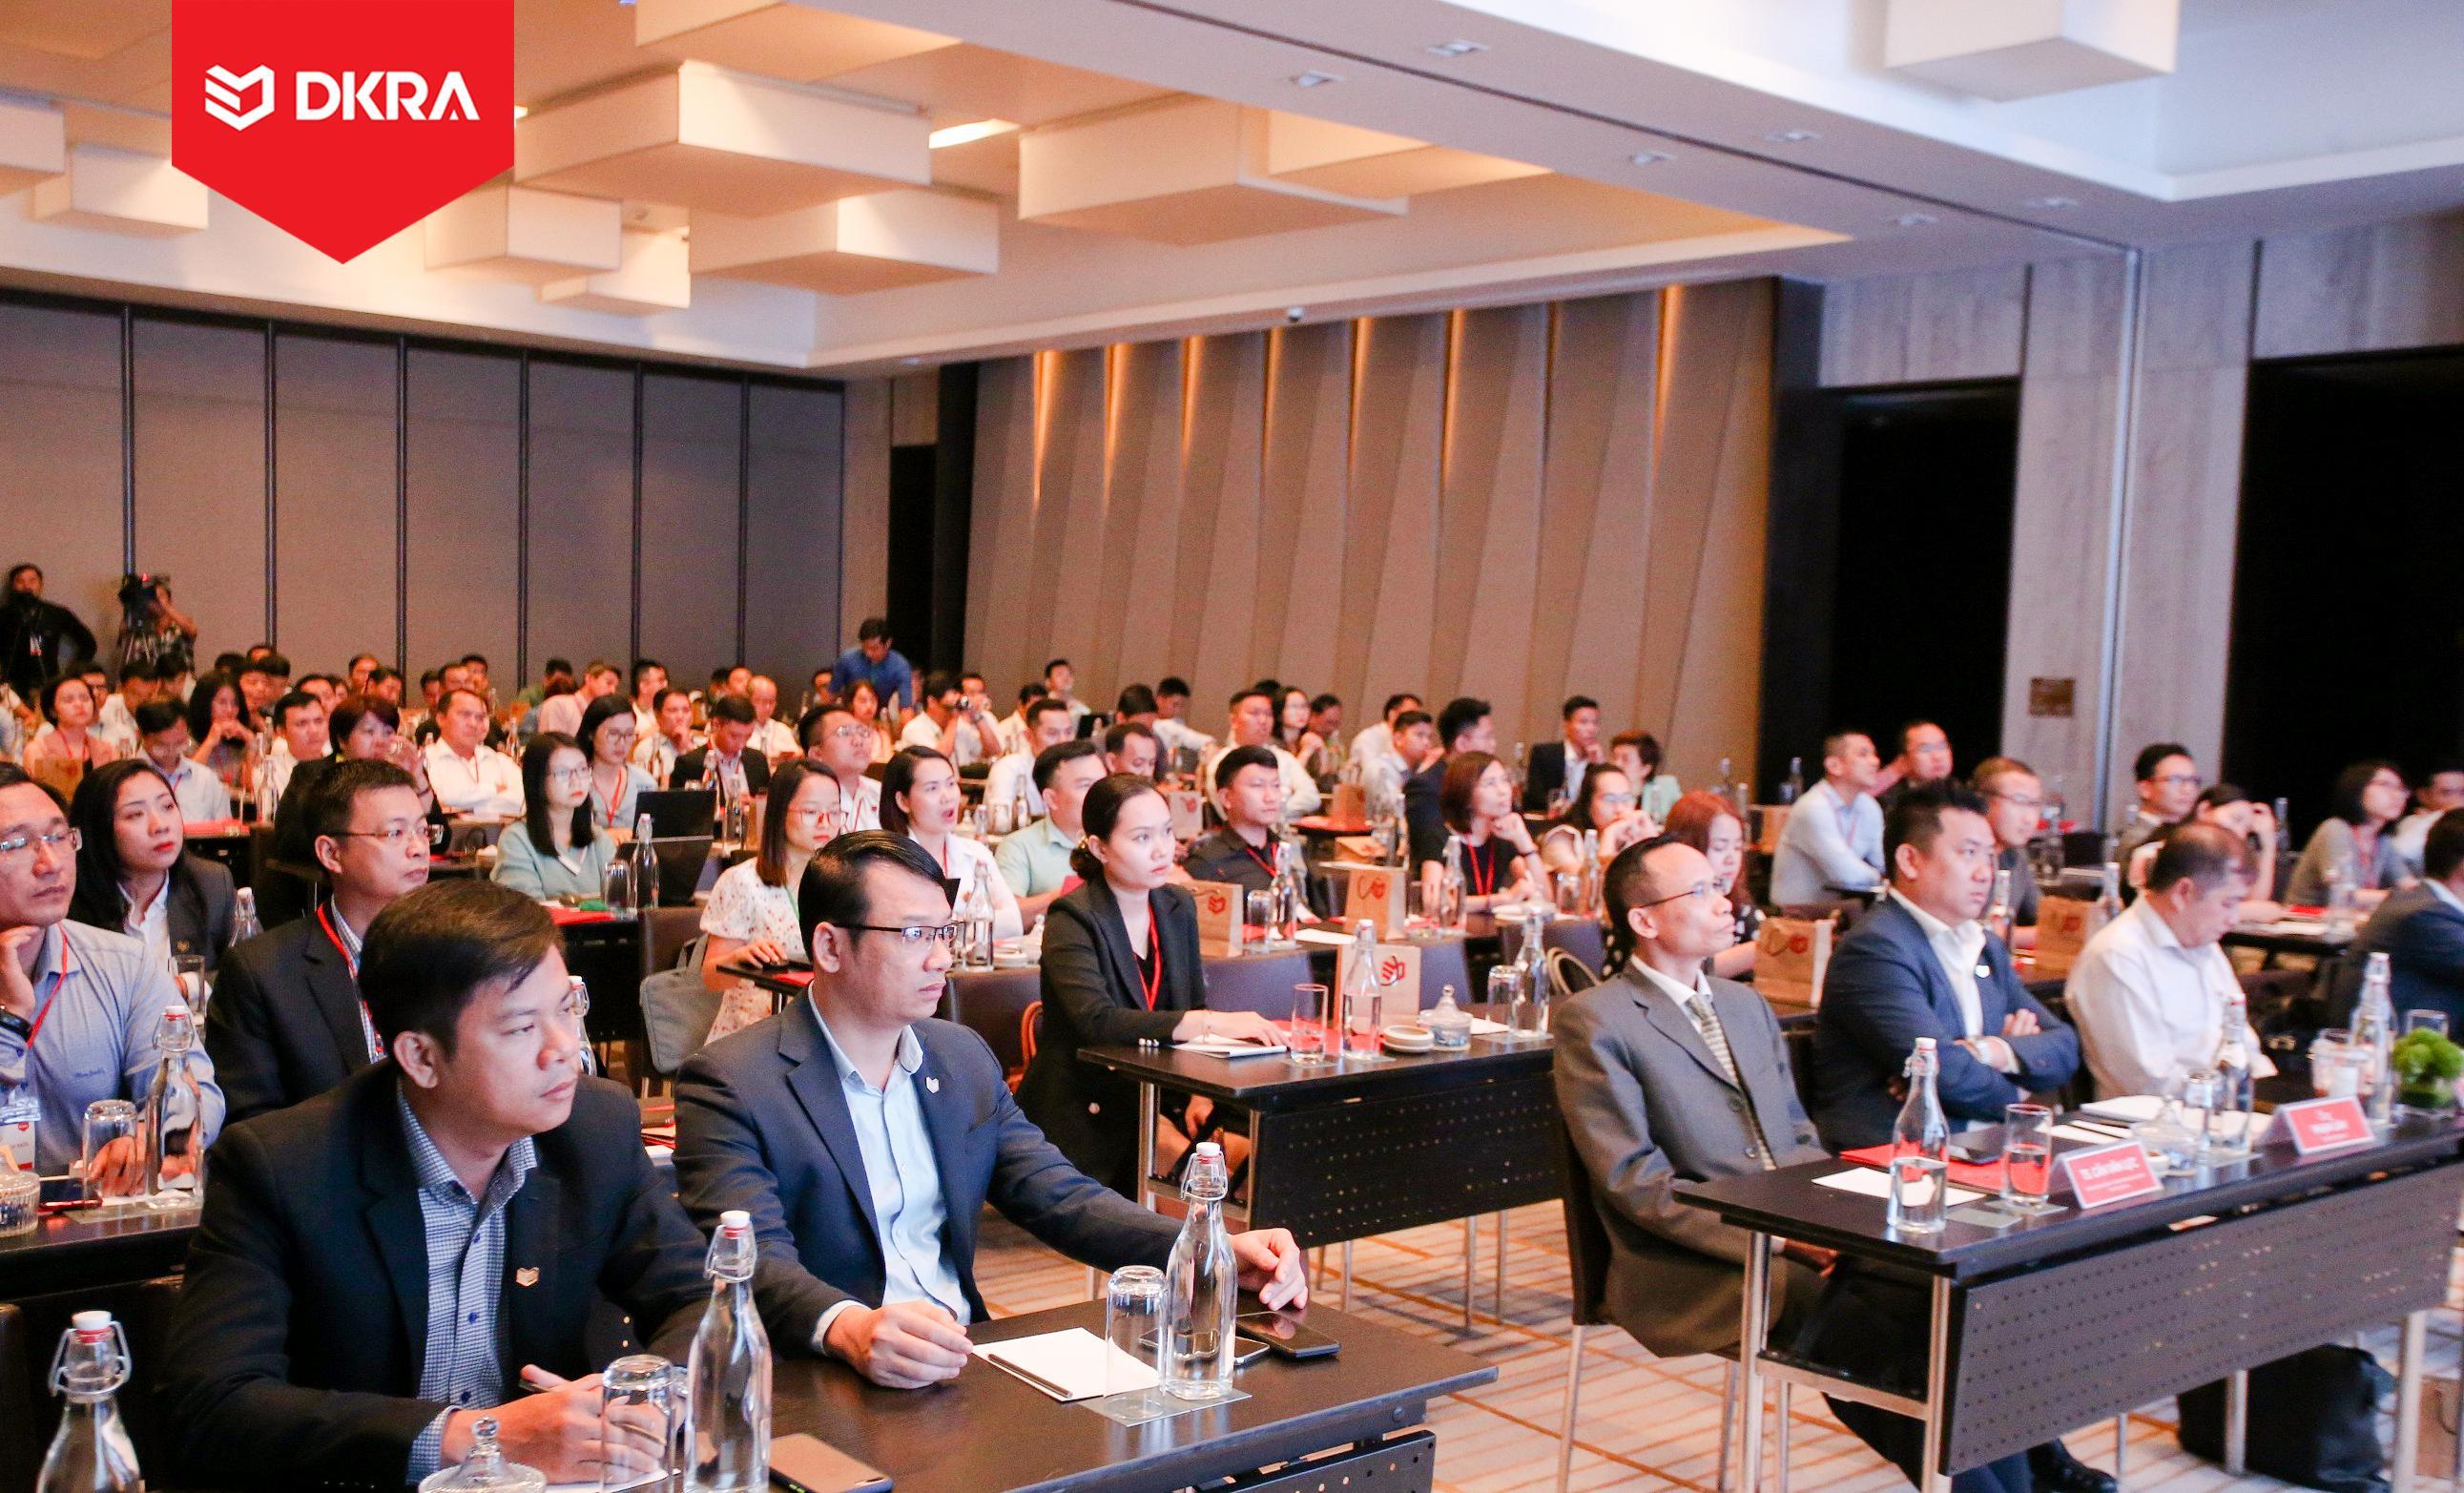 Với nội dung bám sát thực tế, thông tin diễn biến thị trường tại chương trình Báo cáo thị trường bất động sản nhà ở TP.HCM của DKRA Vietnam luôn được đón nhận và đánh giá cao.